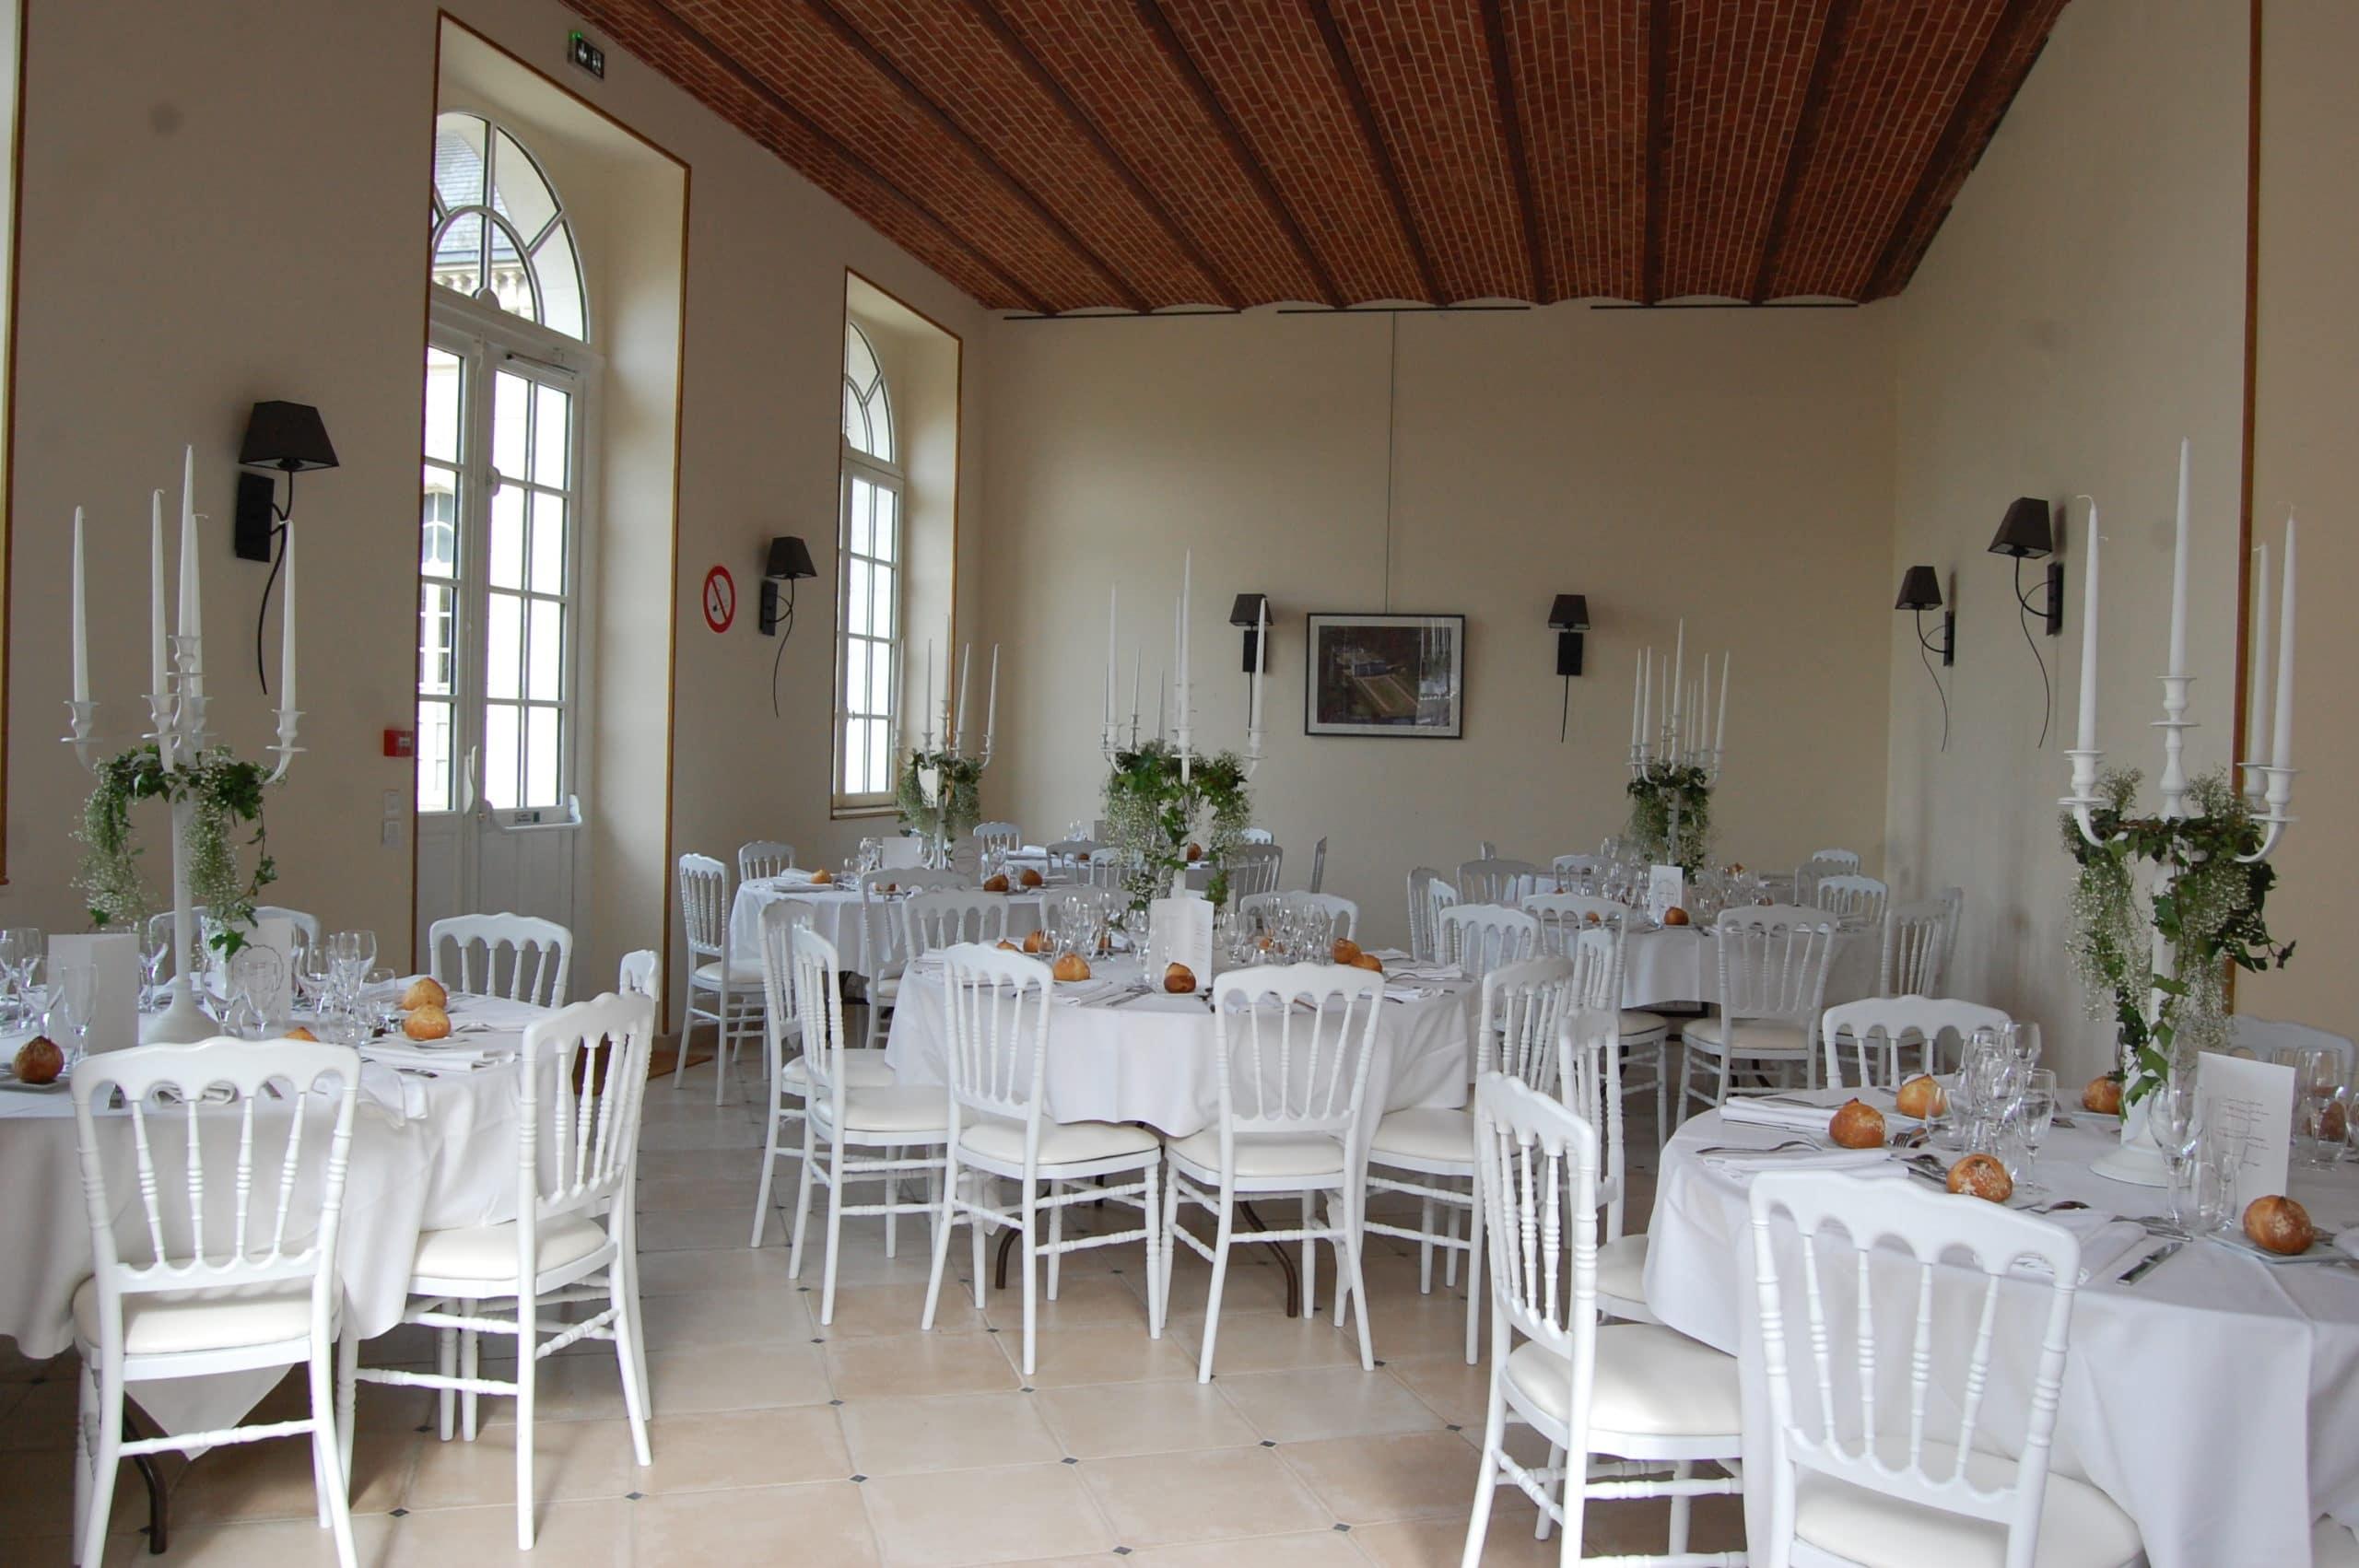 Salle_de_receptions_loiret_gien_chateau_de_pont_chevron_1